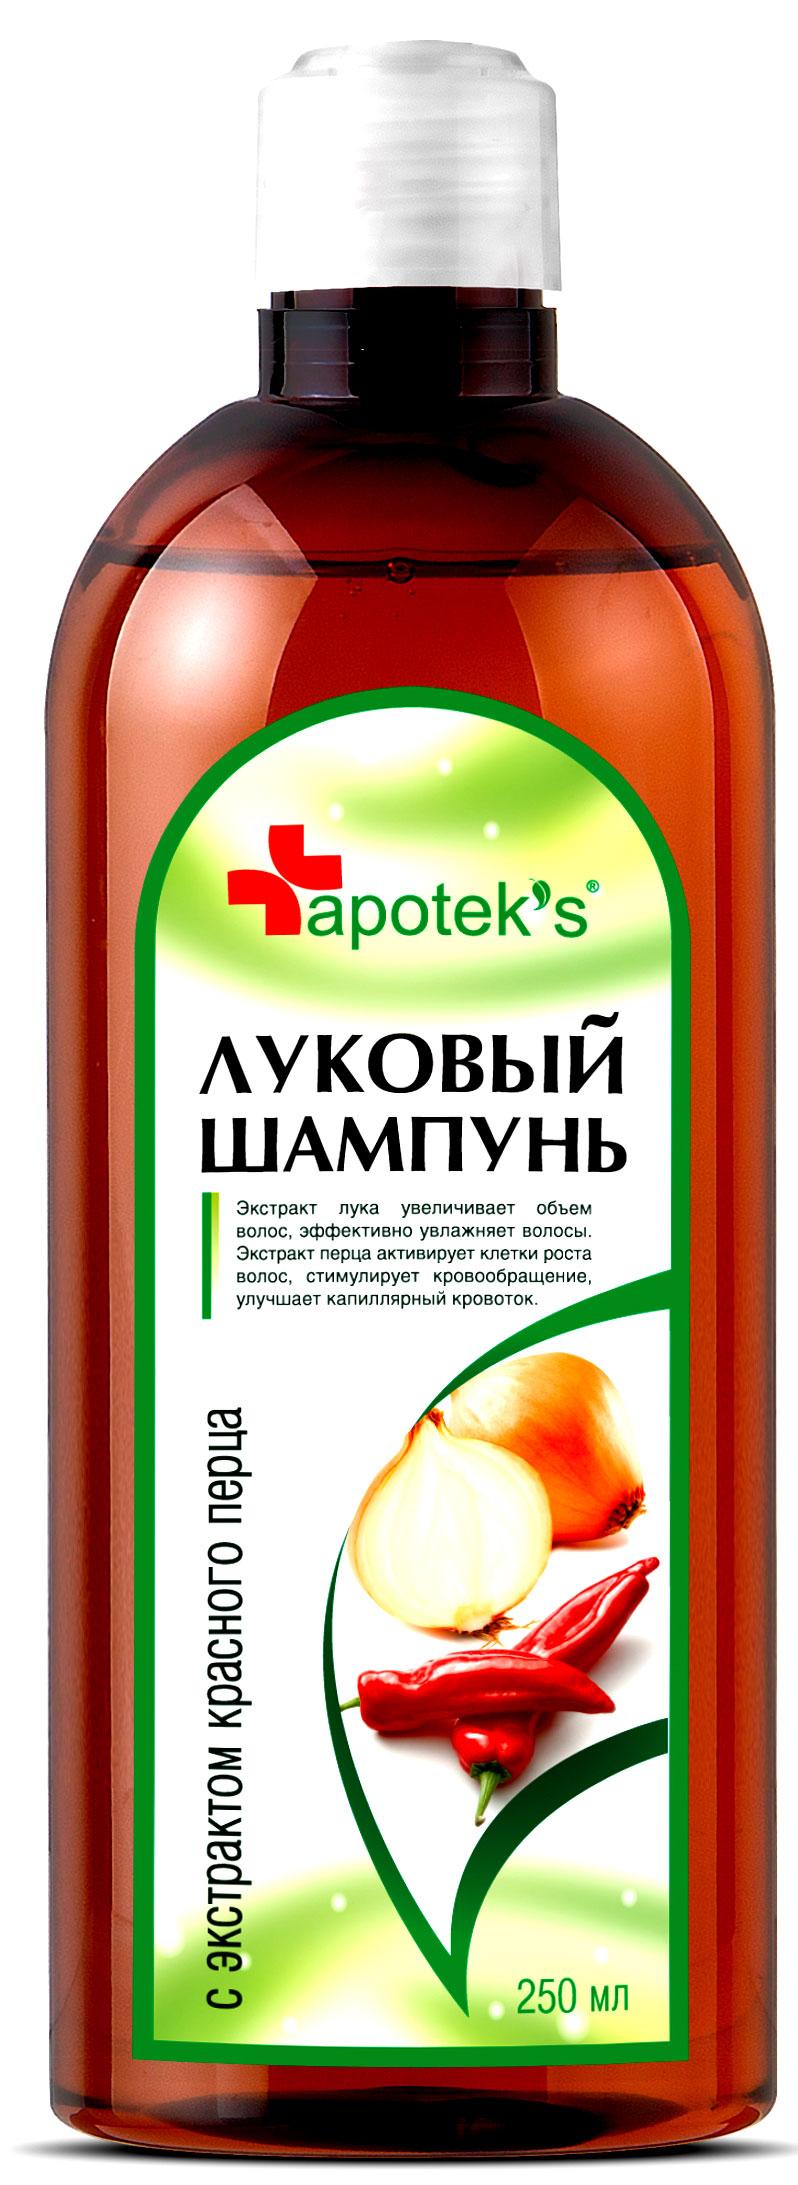 Apotek`s Шампунь луковый с экстрактом красного перца, 250 мл4650001795007Луковой шампунь с экстрактом красного перца нормализует обменные процессы, укрепляет и питает волосяные луковицы, восстанавливает поврежденную структуру волос, богатейший источник витамина С. Стимулирует рост волос, при постоянном применении помогает бороться с облысением.- Способствует питанию и укреплению волос; - Помогает при выпадение волос;- Стимулирует спящие волосяные фолликулы.